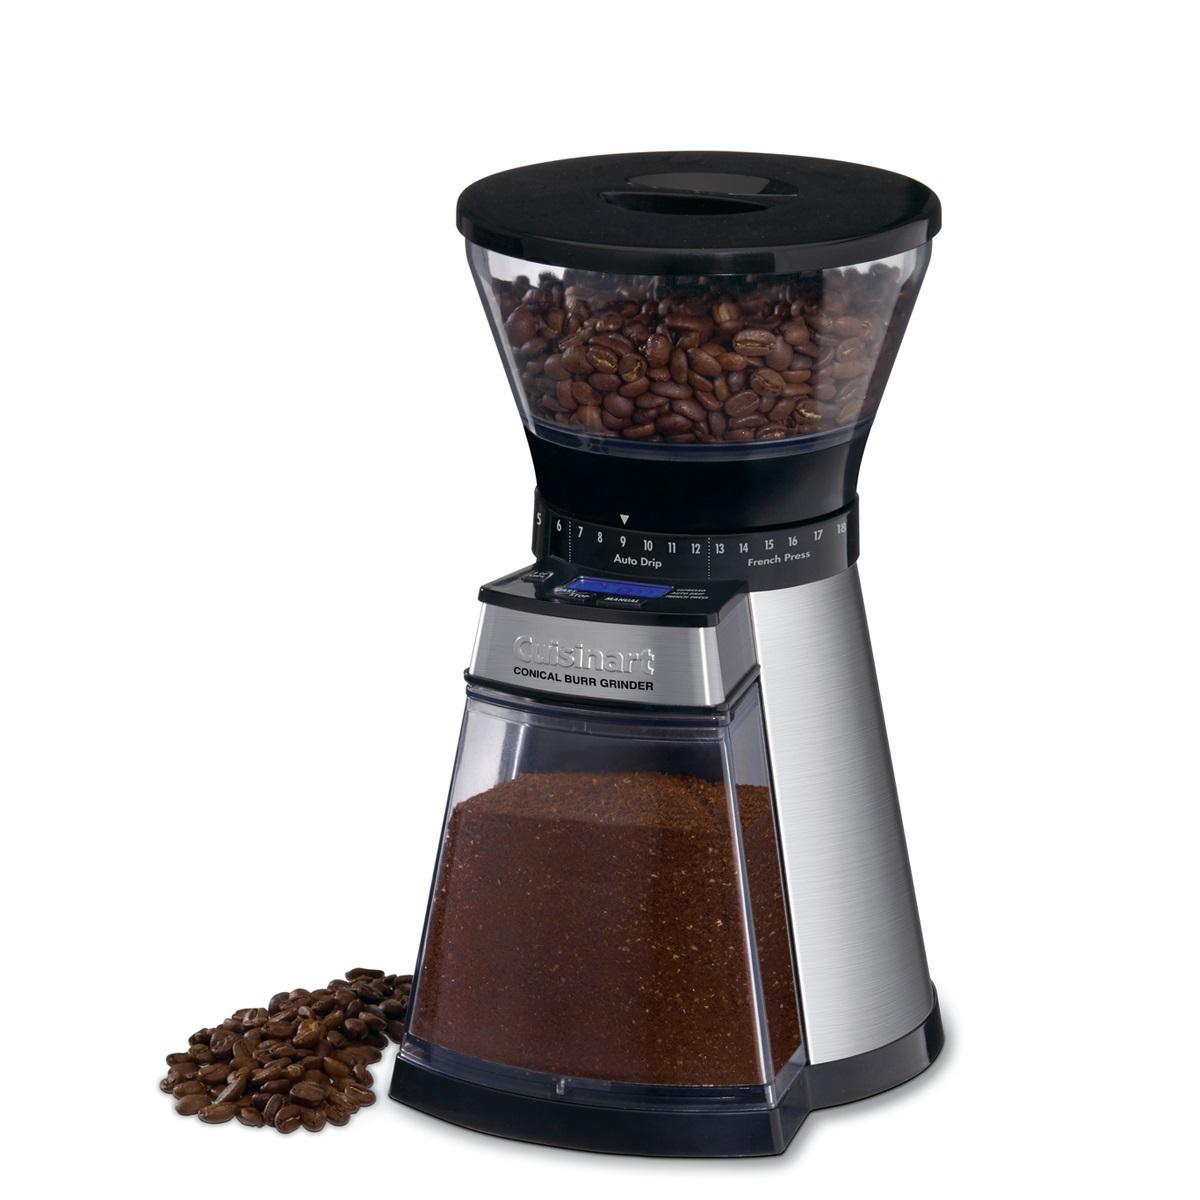 쿠진아트 프리미엄 전동 커피 그라인더, CBM-18NKR